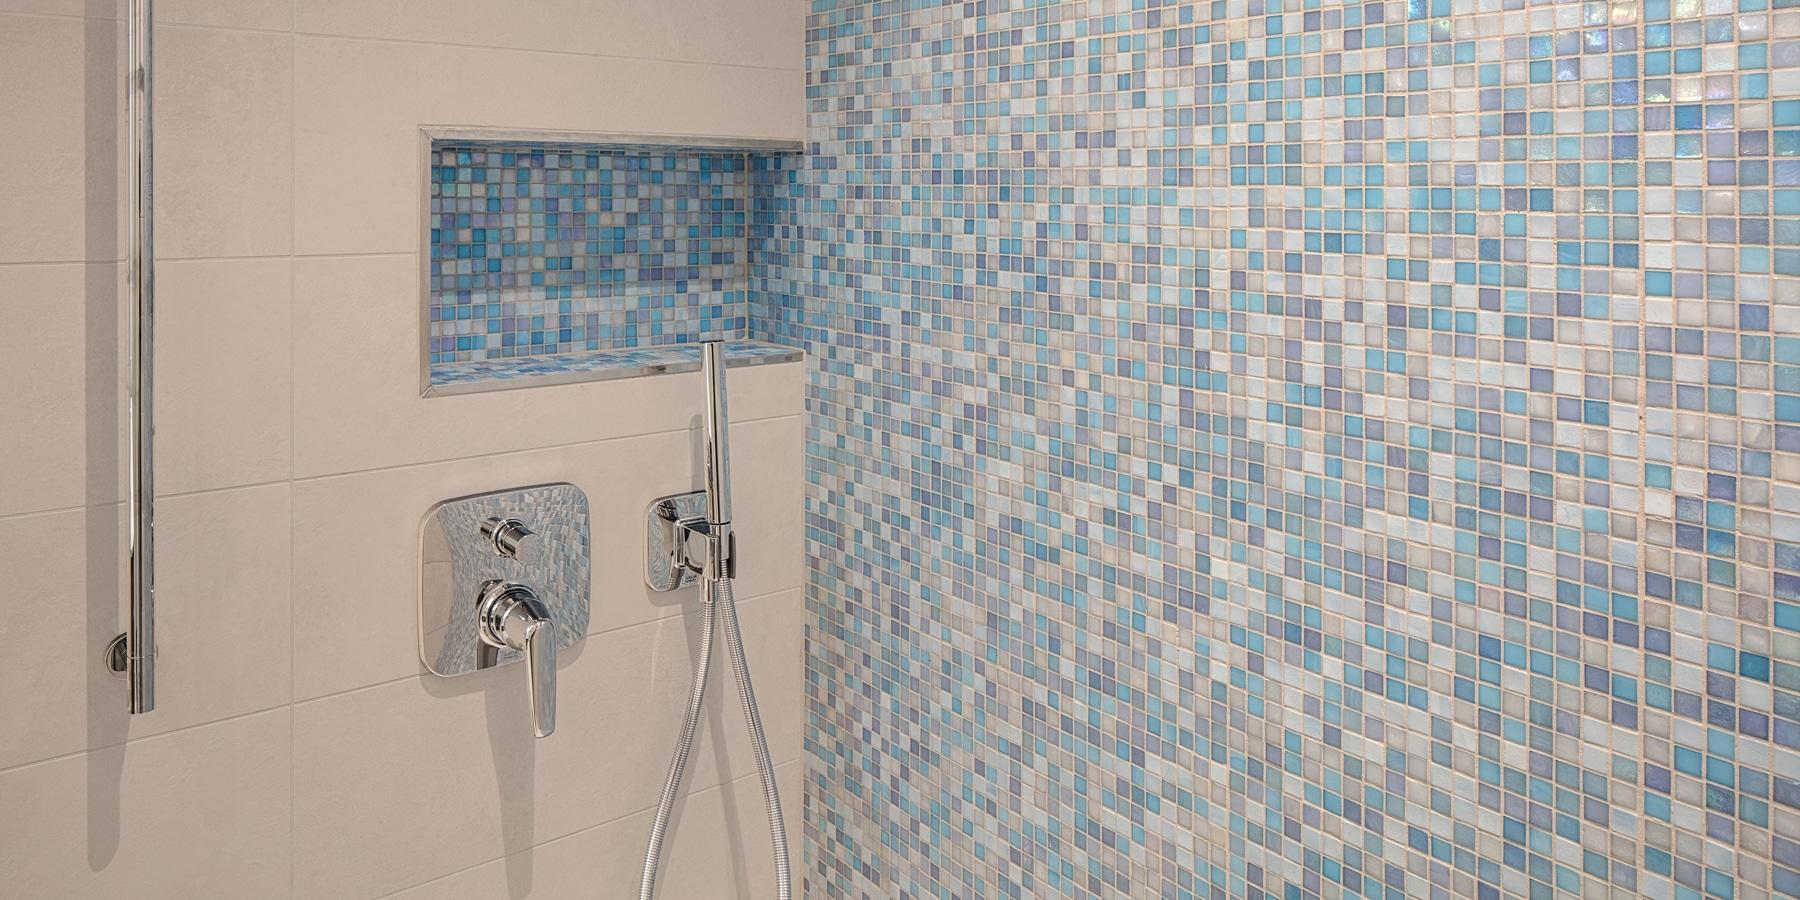 Bäder - Bad-Ansichten - blaues Mosaik -Dusche